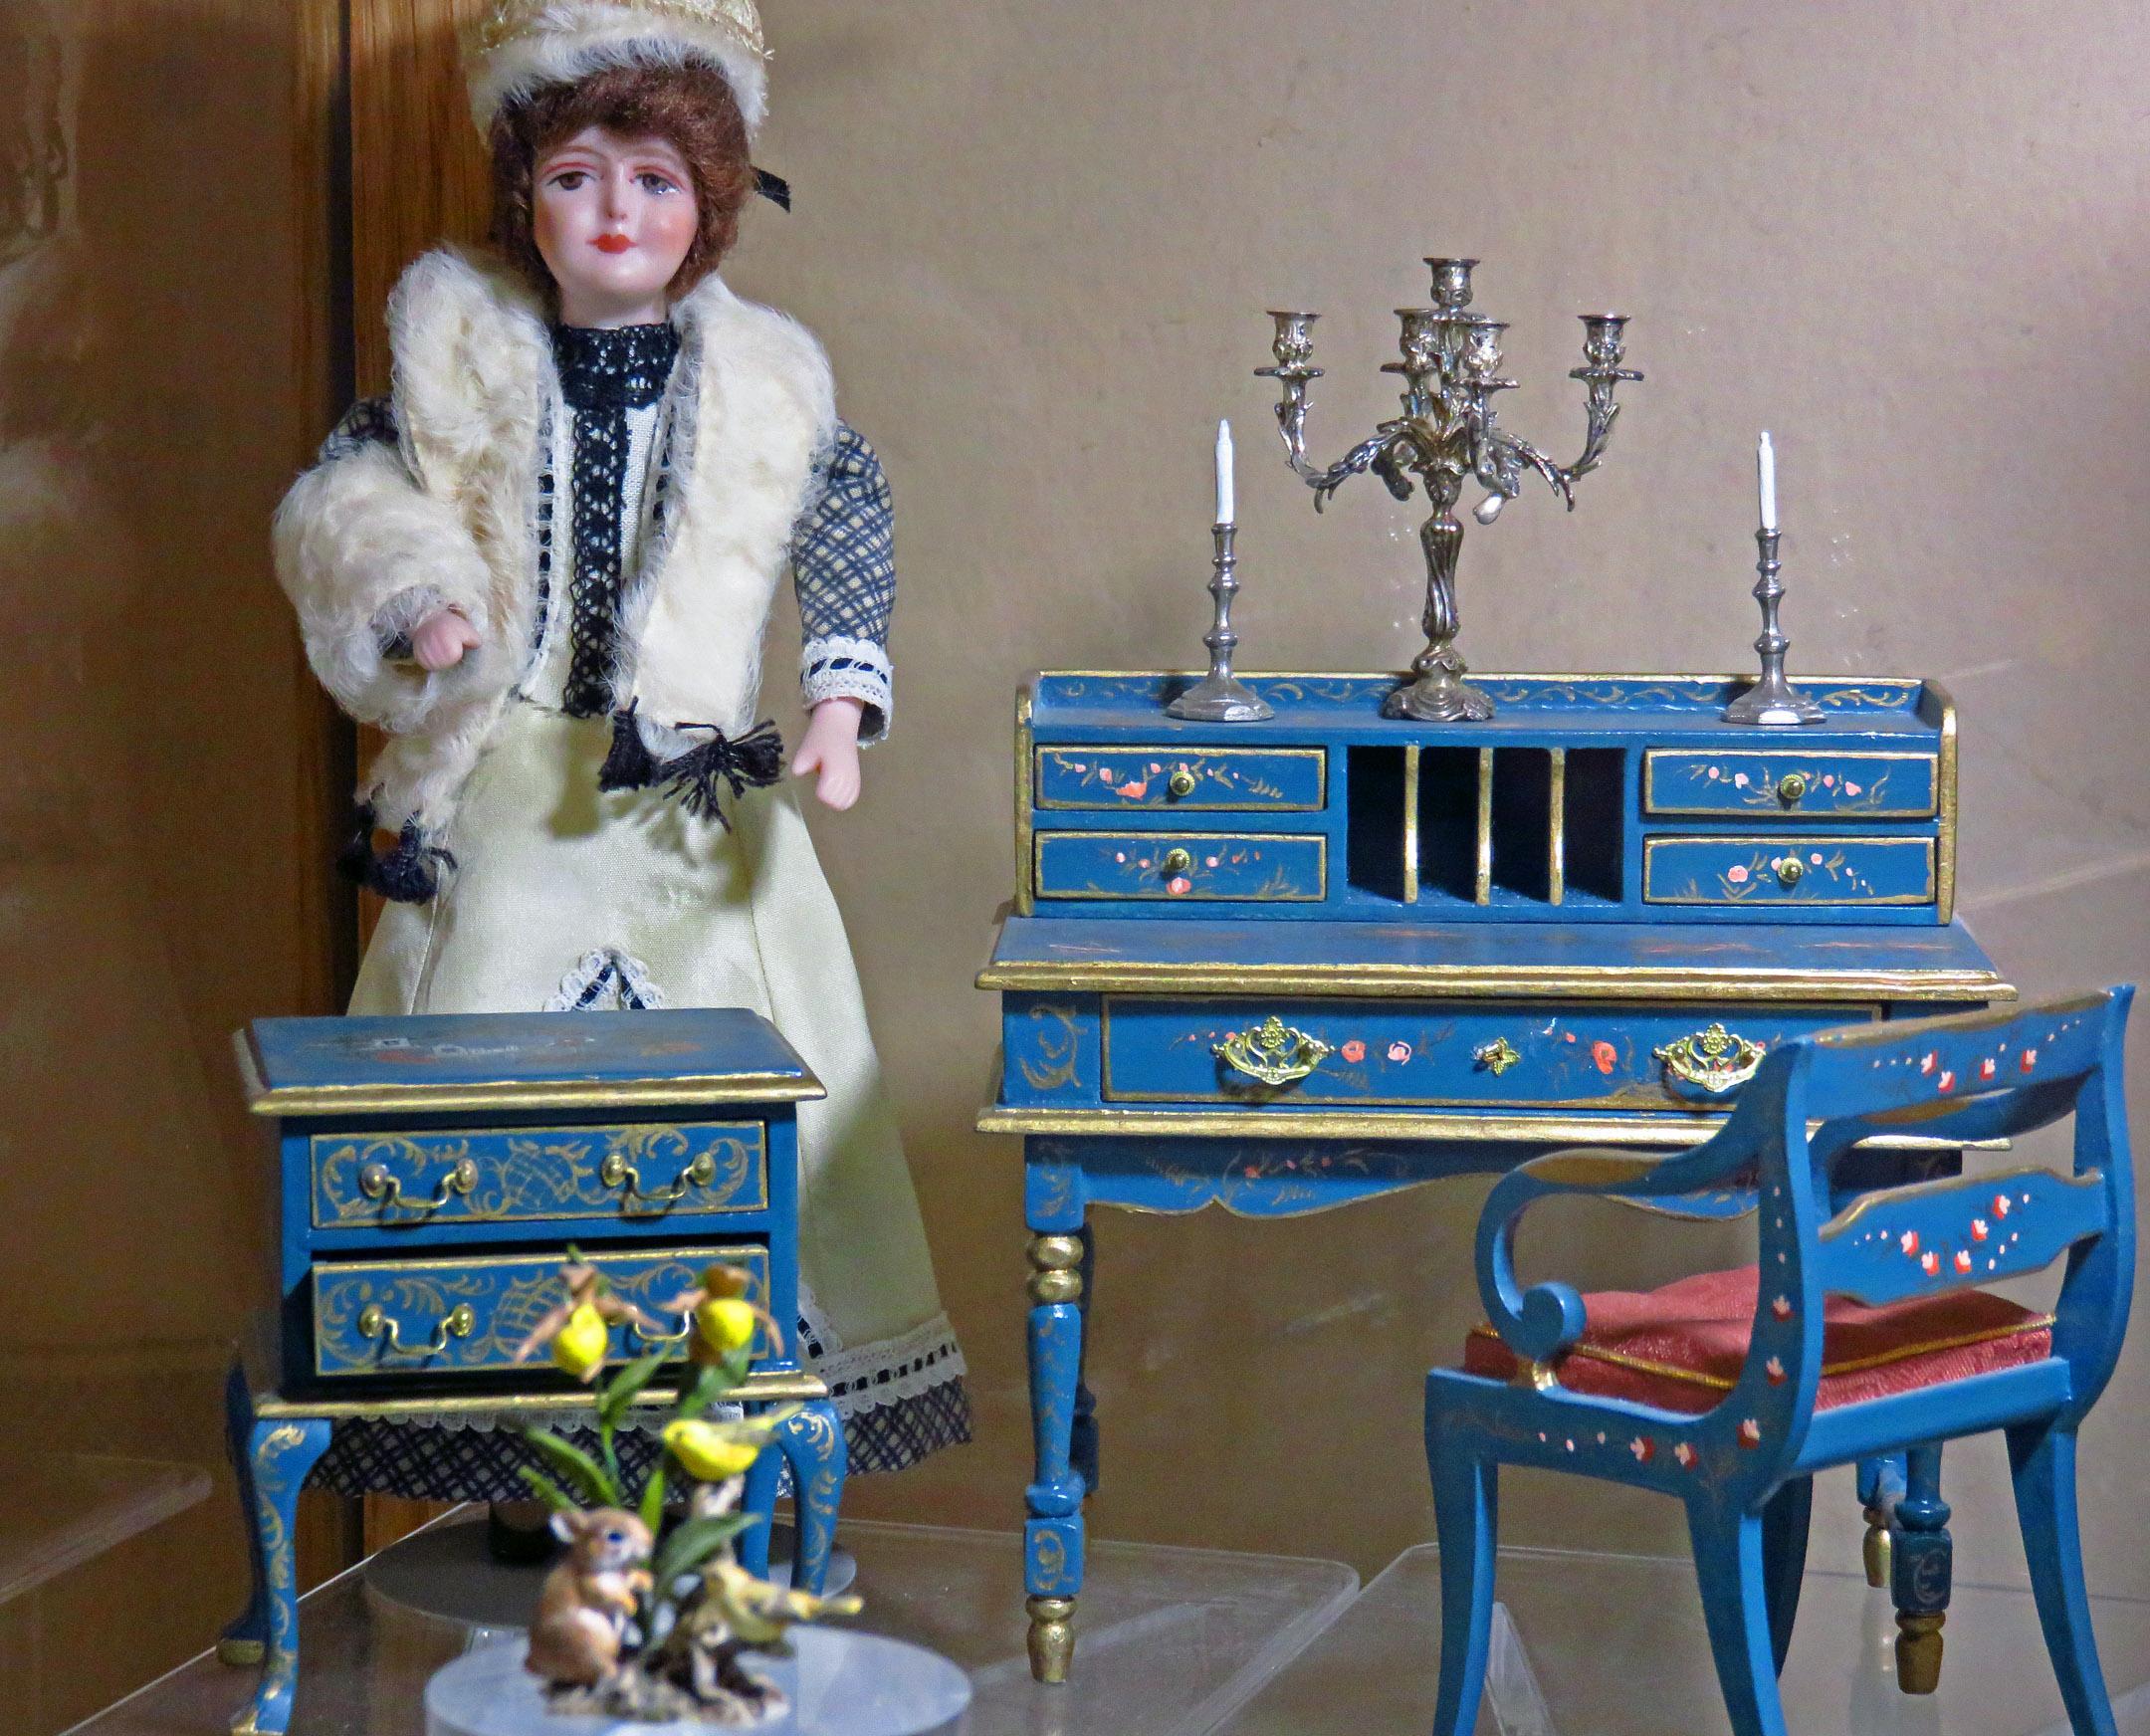 5. Museum of dolls